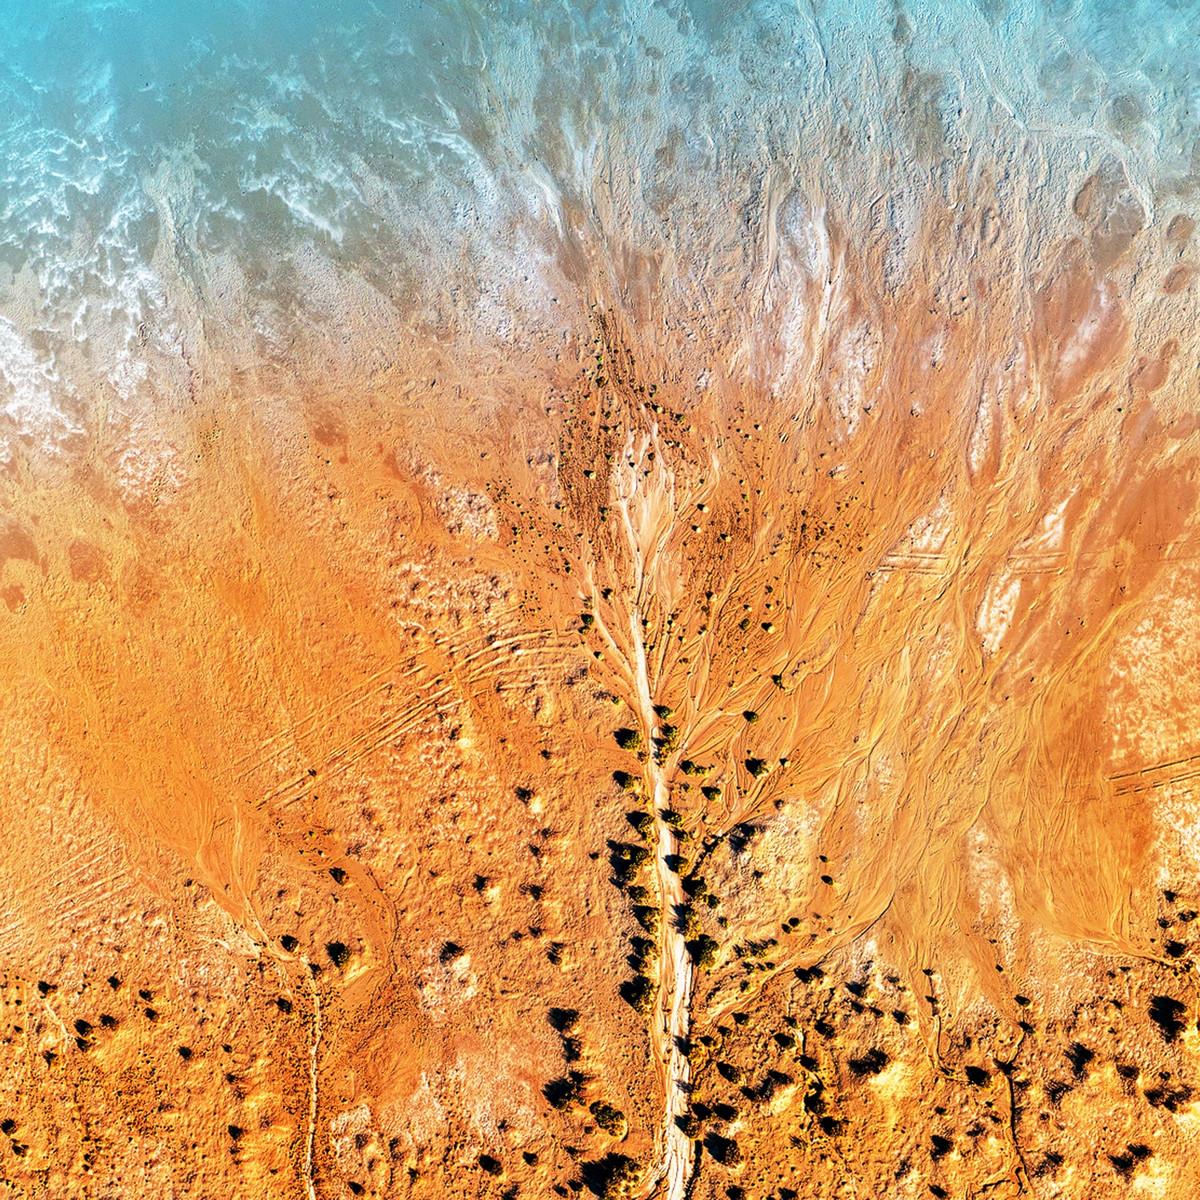 Озеро Эйр в аэрофотографиях  10